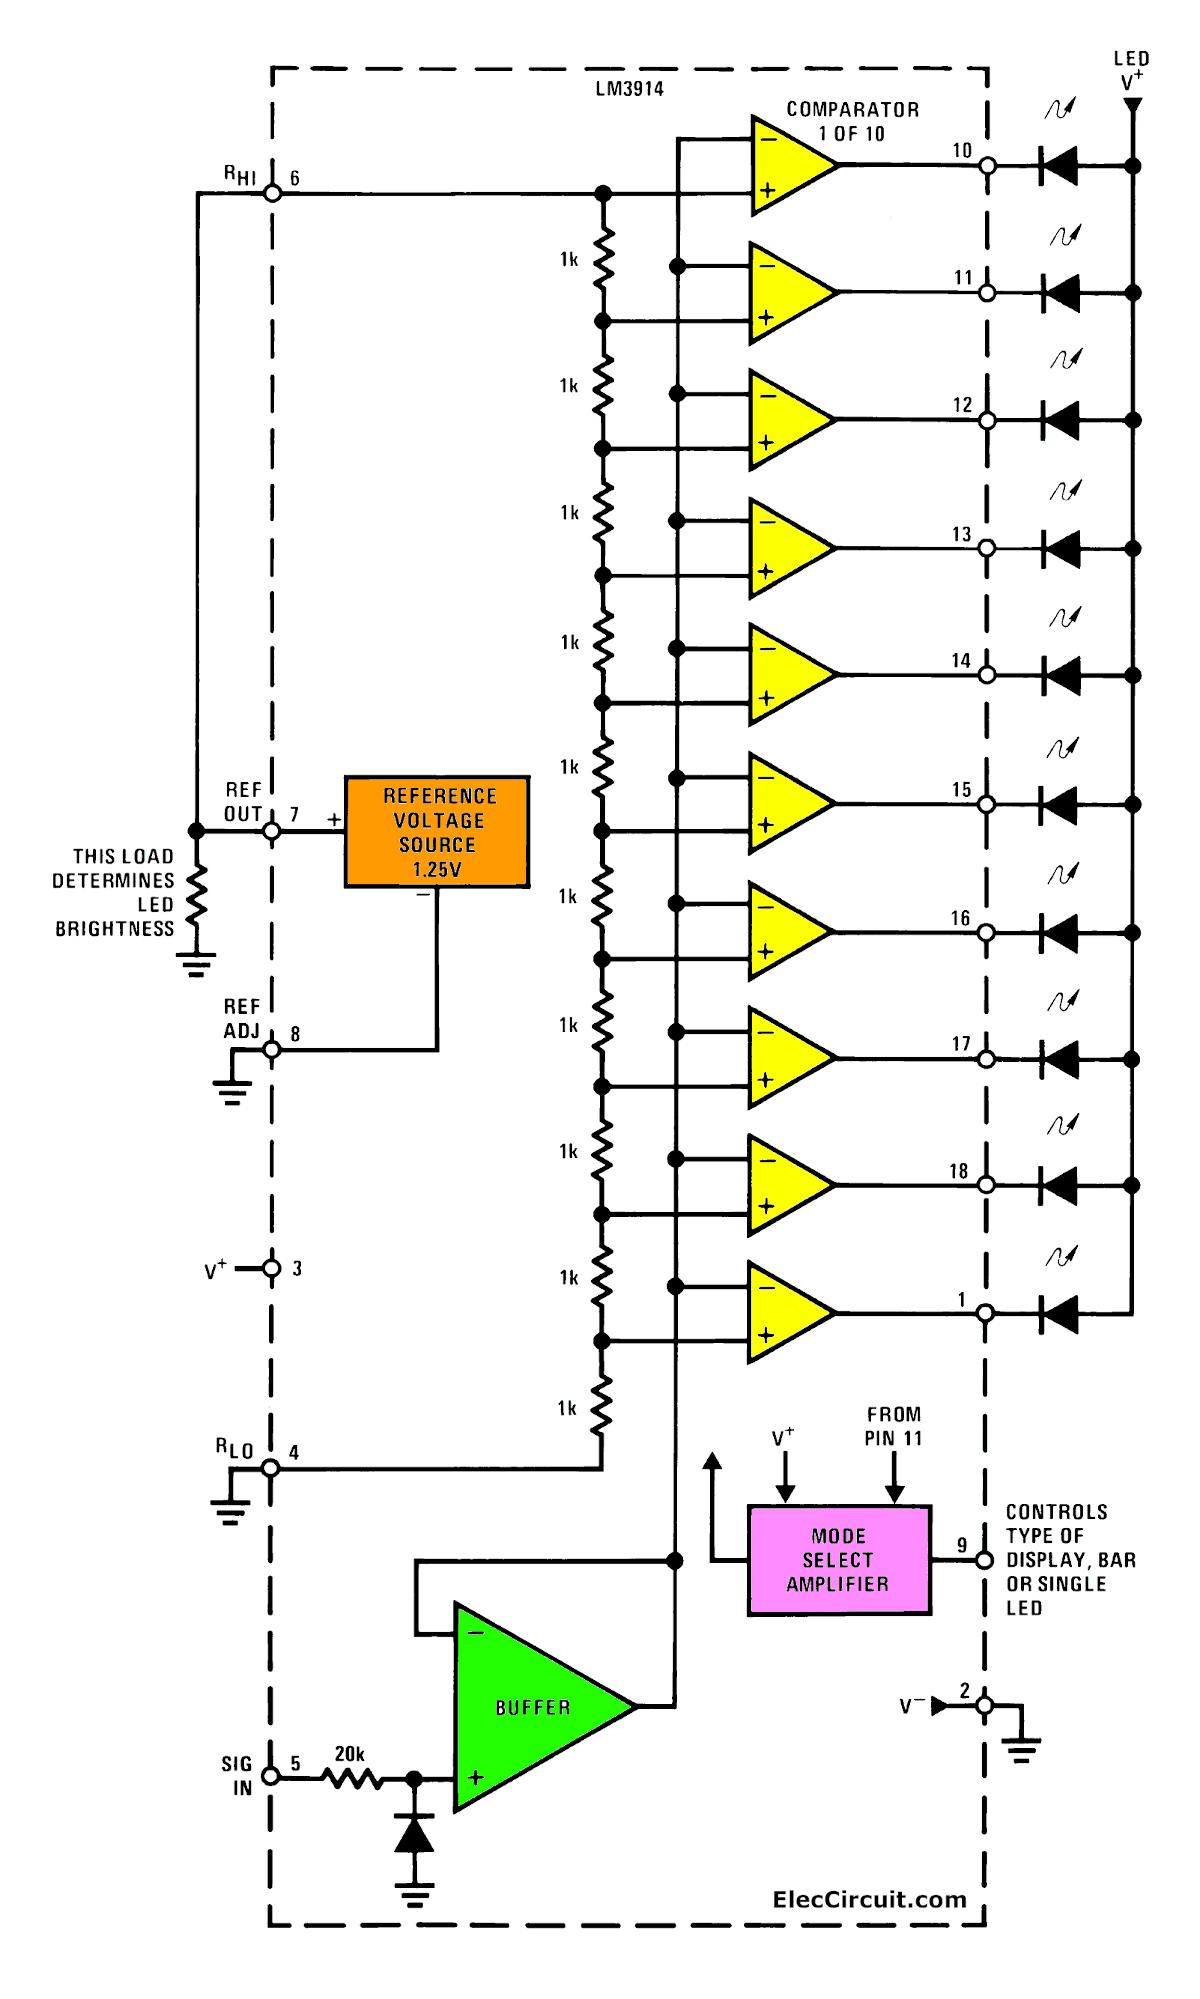 LM3914 Block Diagram